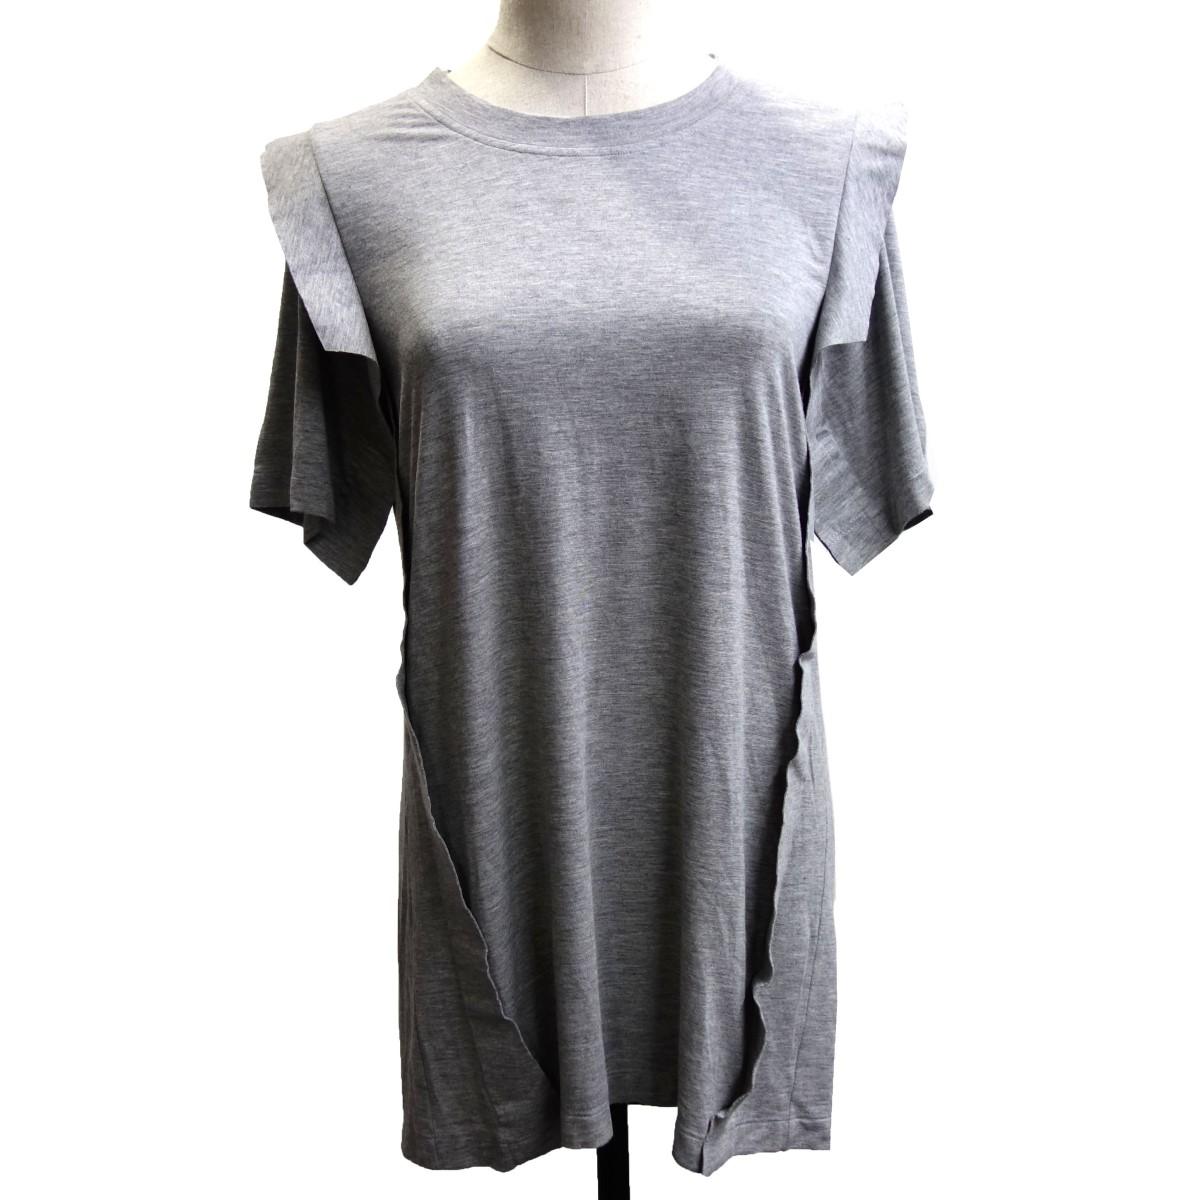 【中古】Martin Margiela1 14AW ドッキングデザイン半袖Tシャツ グレー サイズ:S 【220420】(マルタンマルジェラ1)